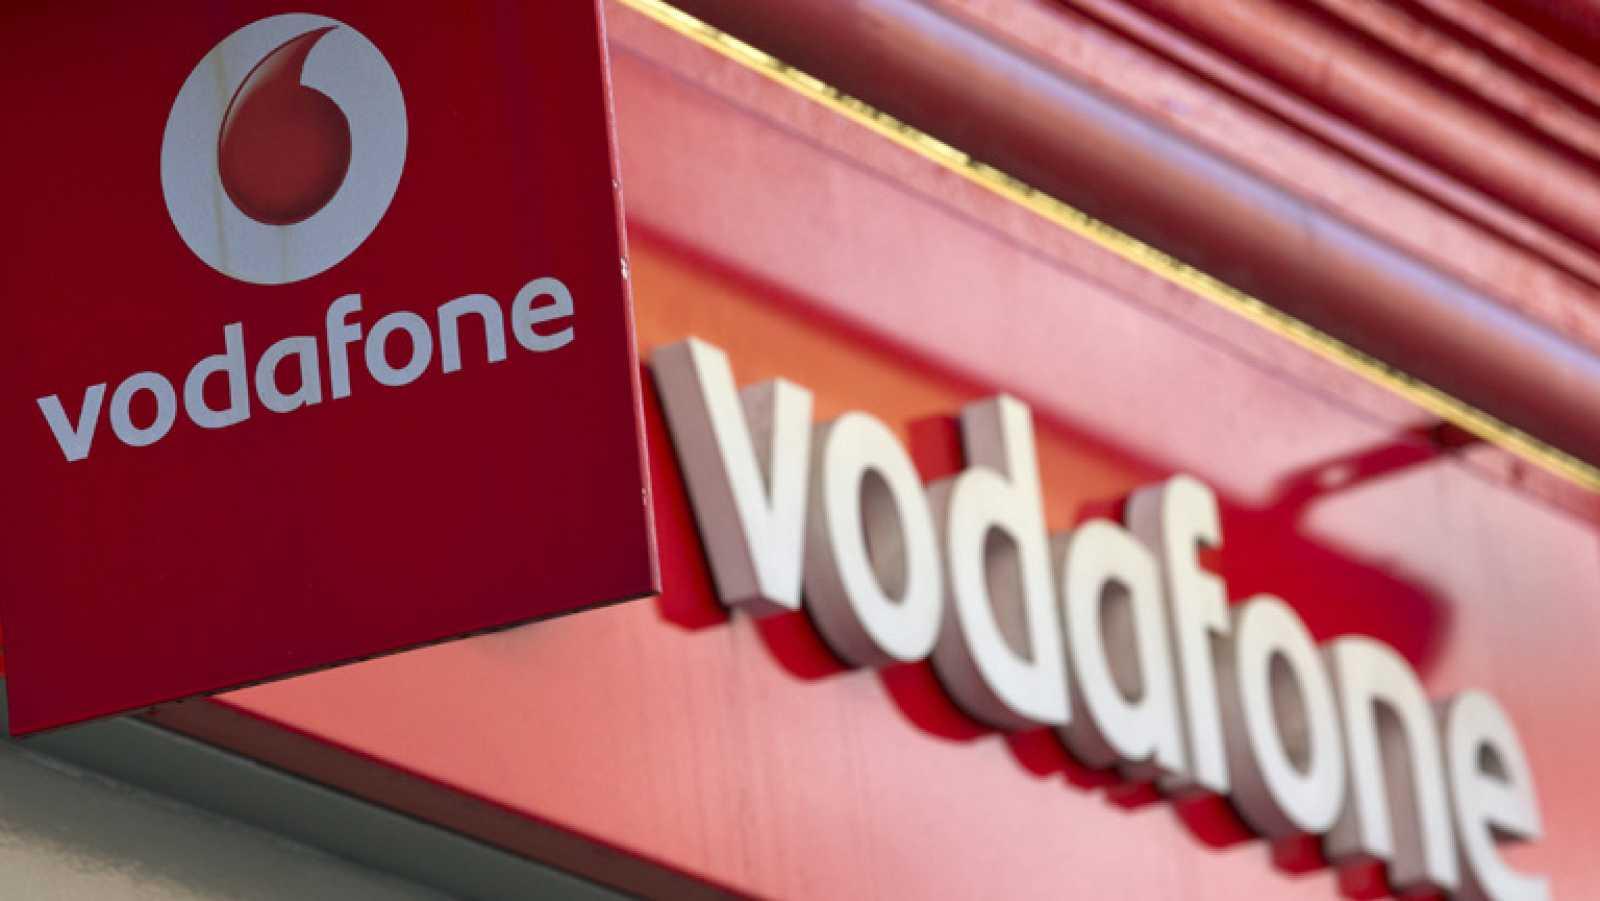 La británica Vodafone confirma la compra de la española Ono por 7.200 millones de euros